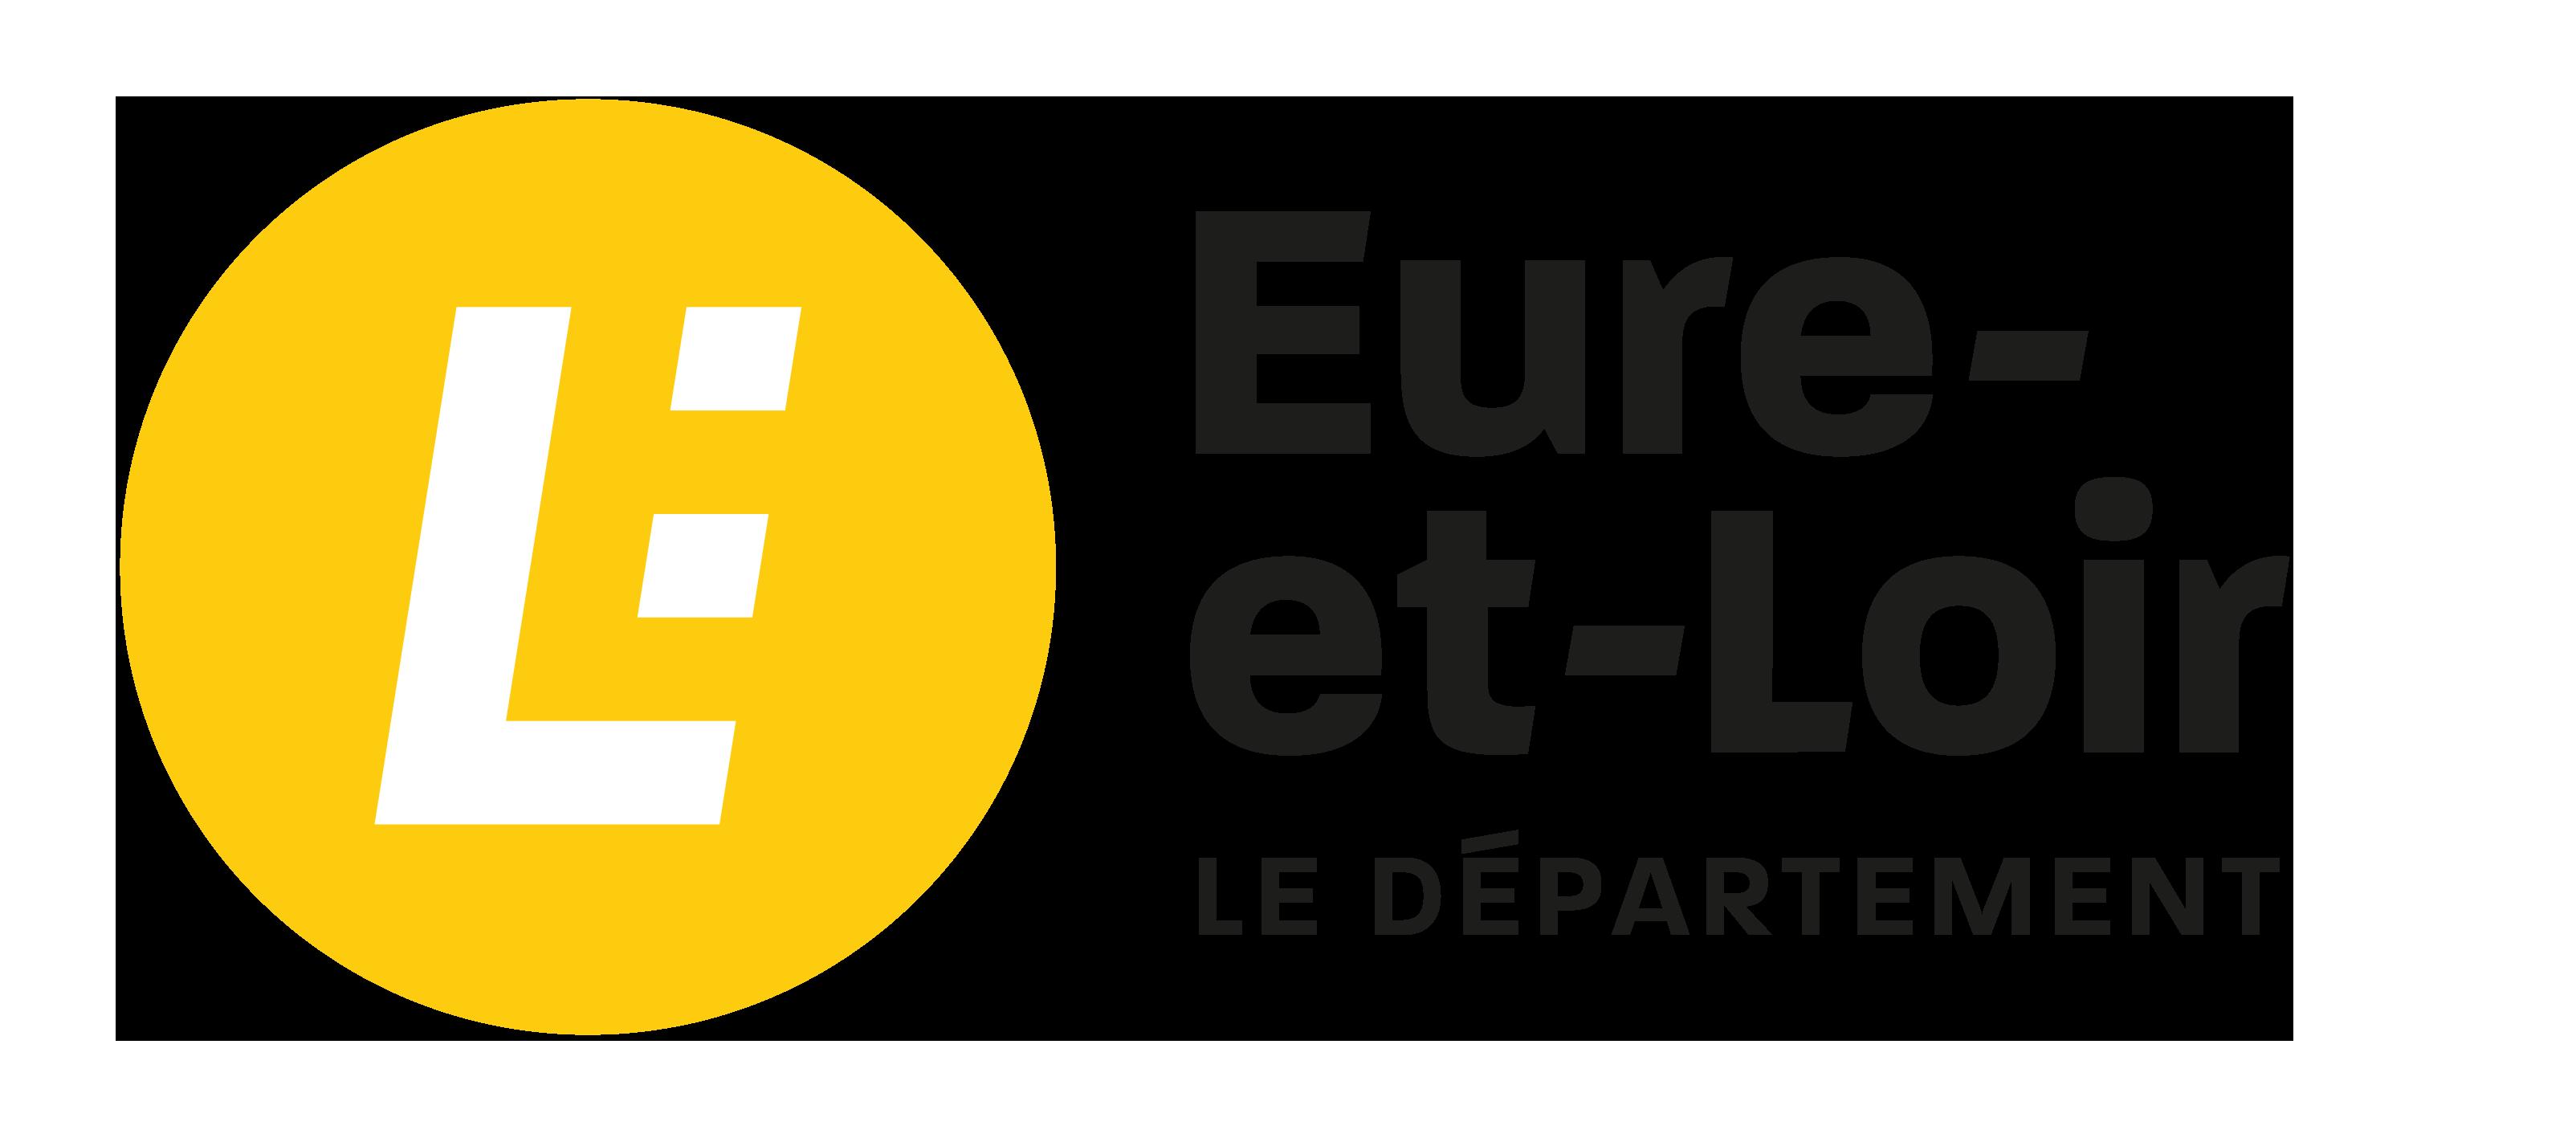 Portail open data du département d'Eure-et-Loir